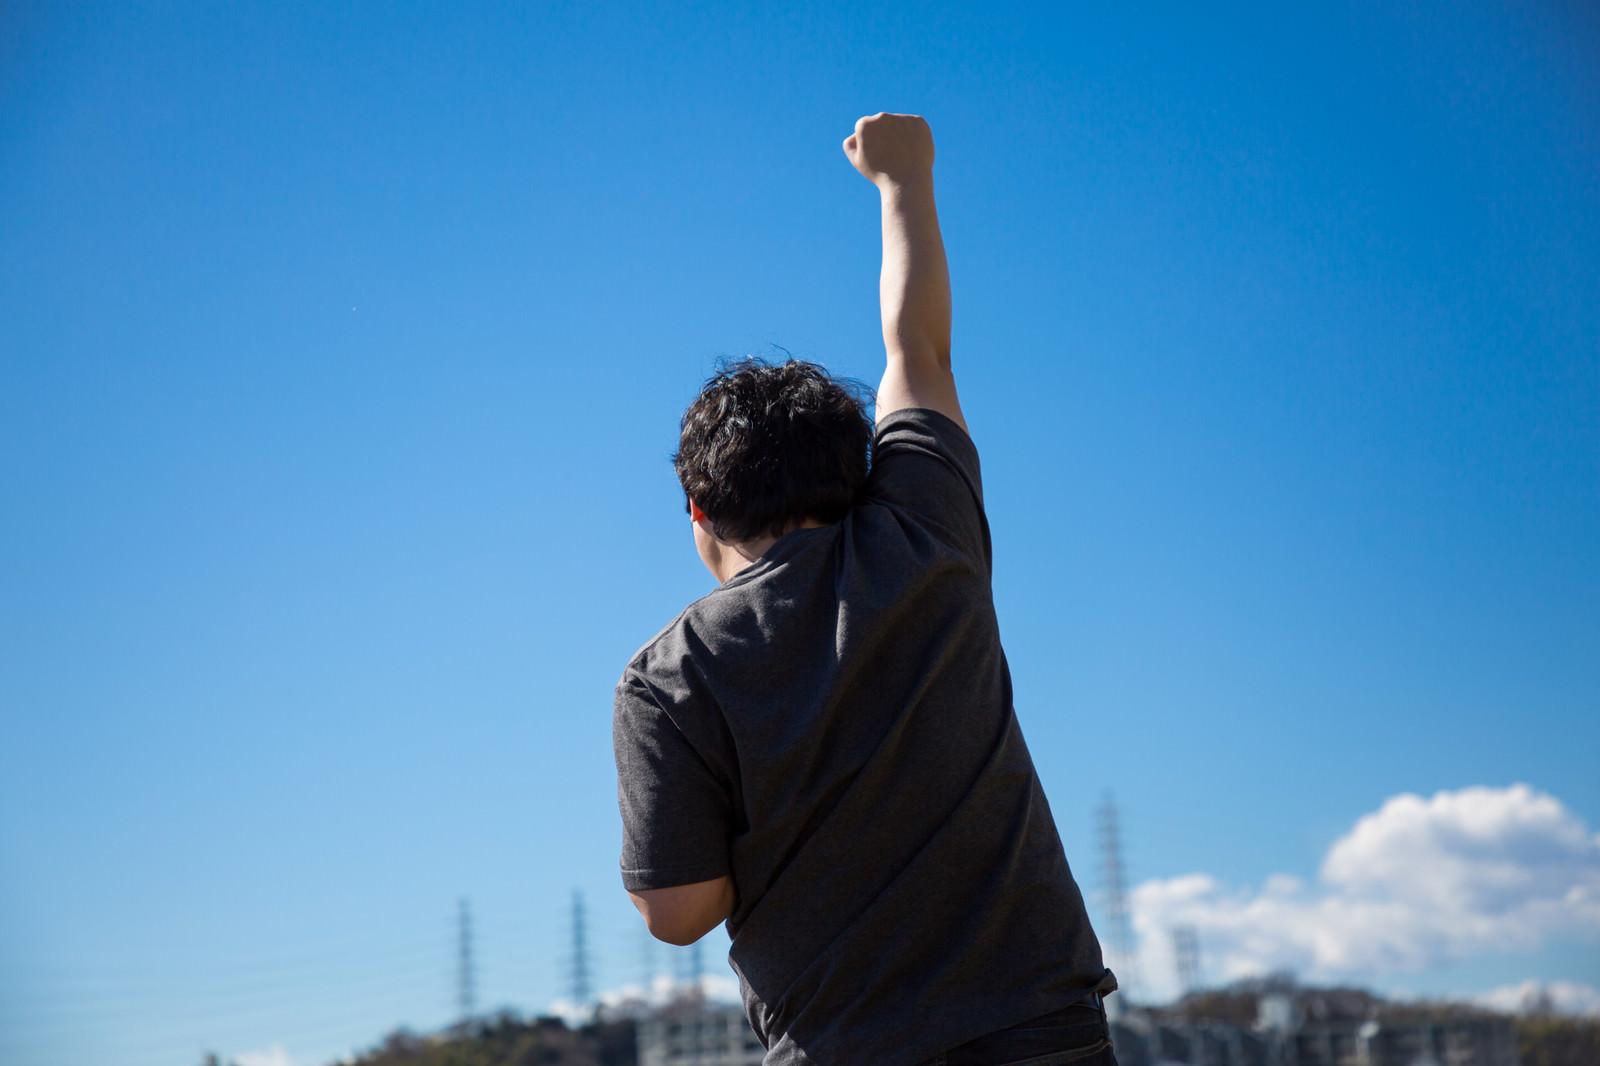 「独り屋外で鼓舞する男性の後ろ姿独り屋外で鼓舞する男性の後ろ姿」[モデル:段田隼人]のフリー写真素材を拡大